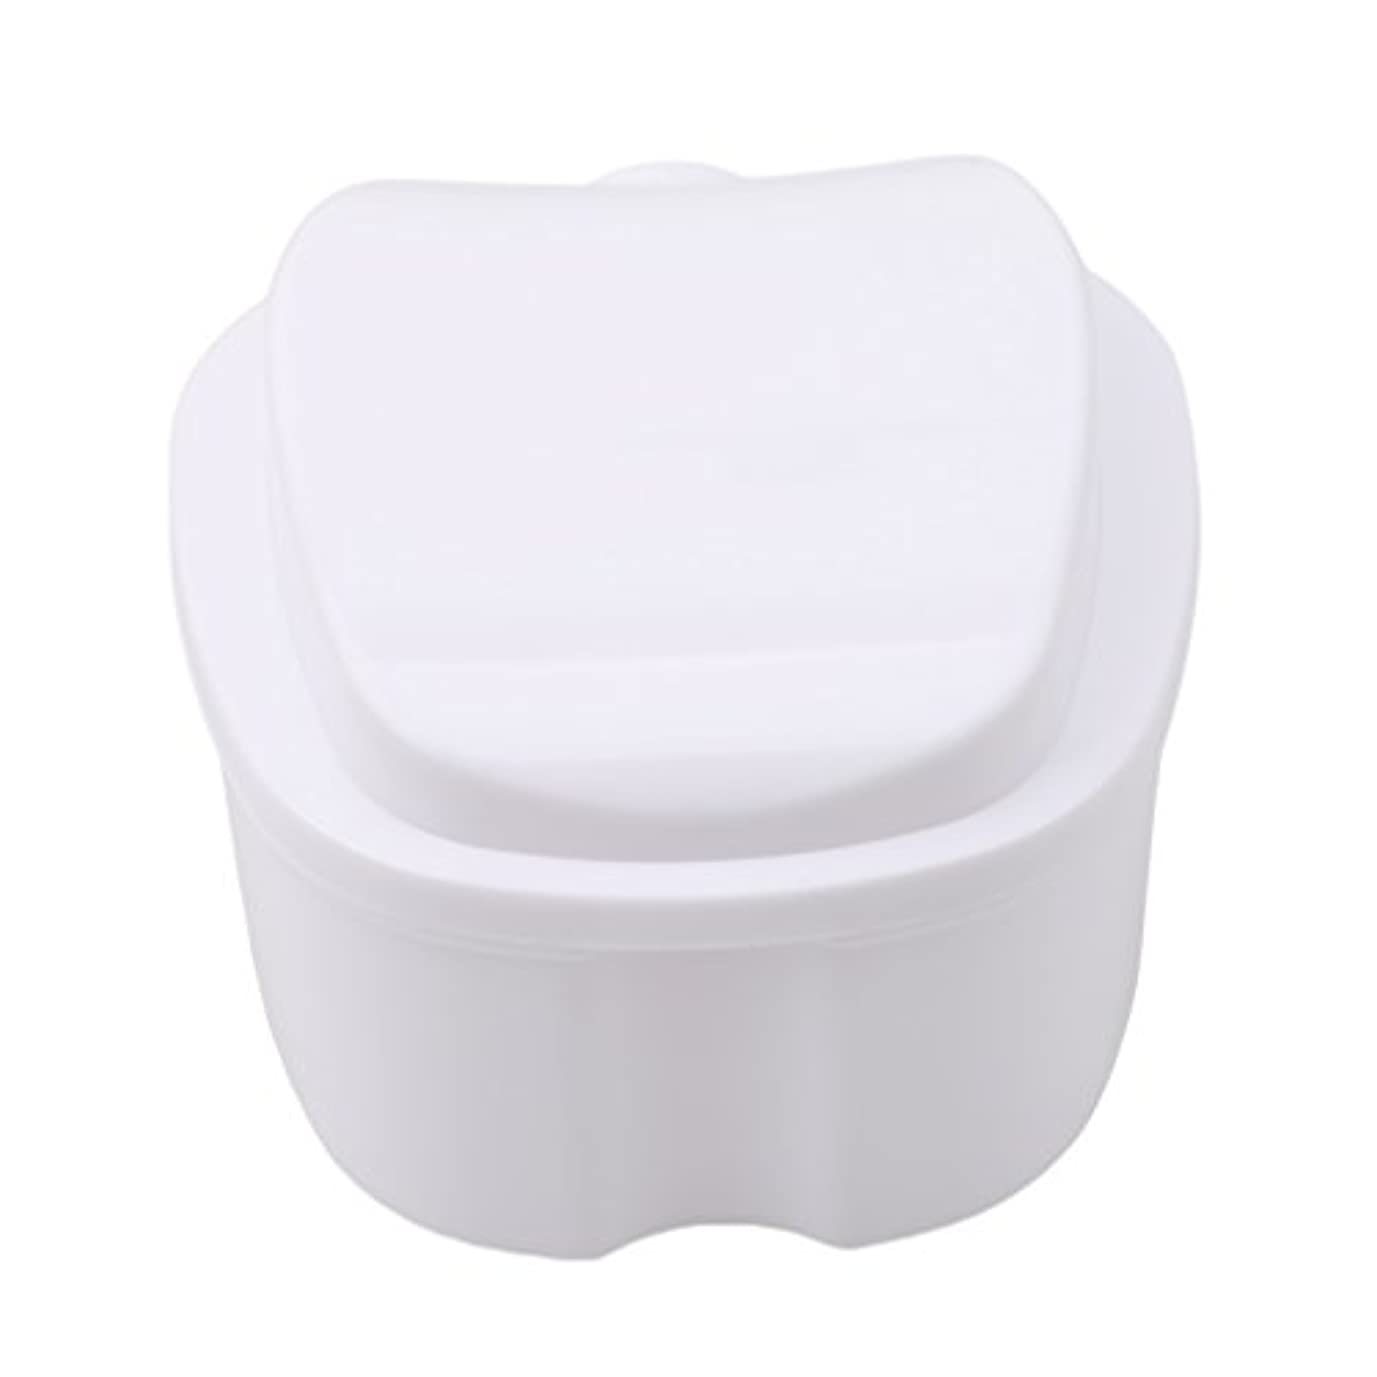 オゾン飲料プラットフォームHonel 収納ボックス 義歯収納用 リテーナーケース りんご柄 ホワイト